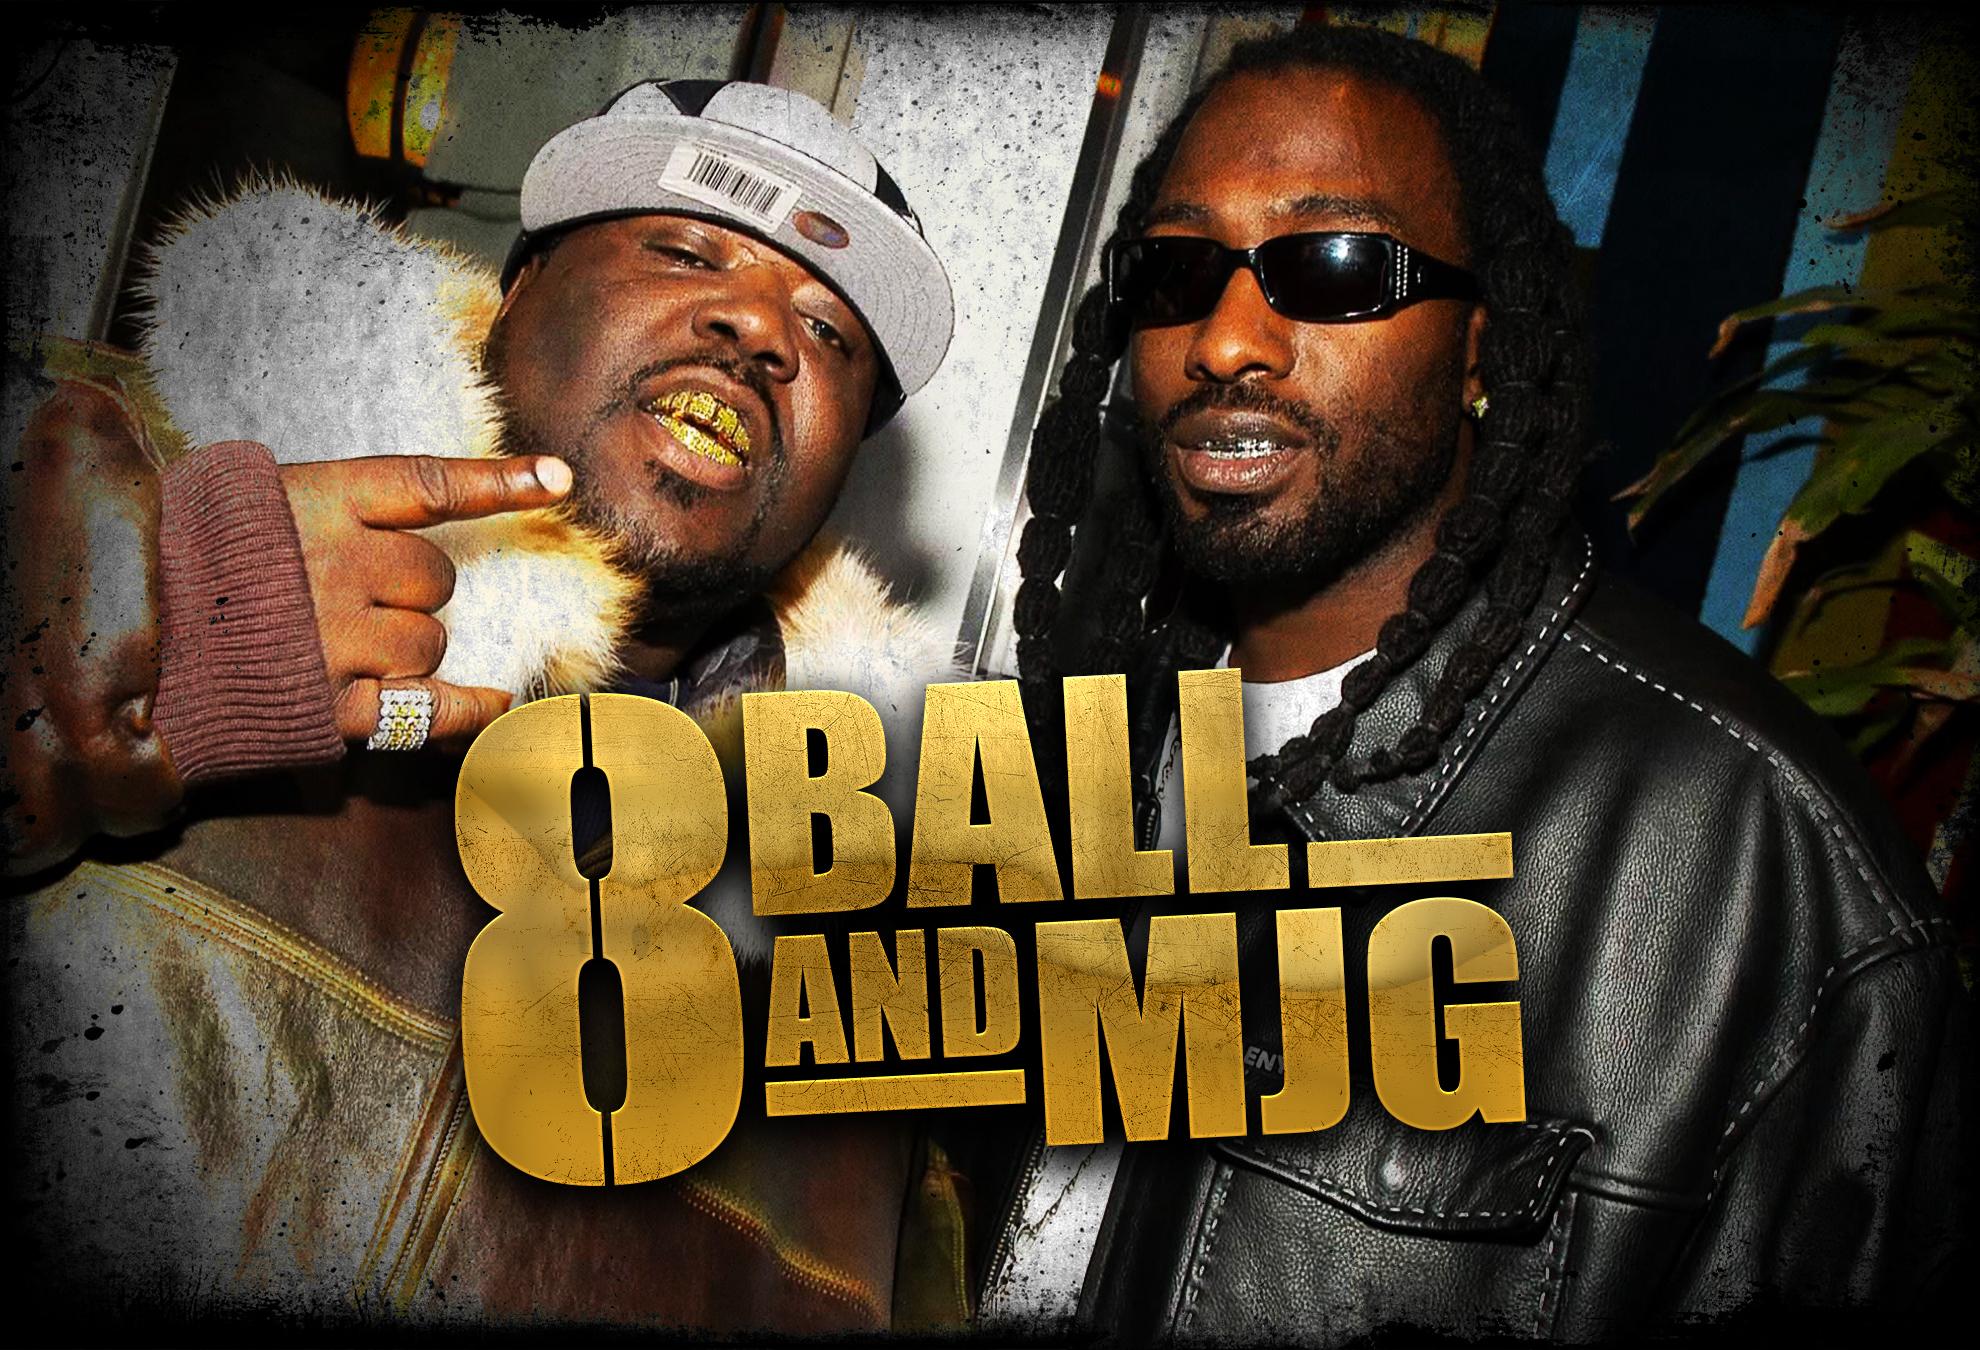 8 Ball and MJG